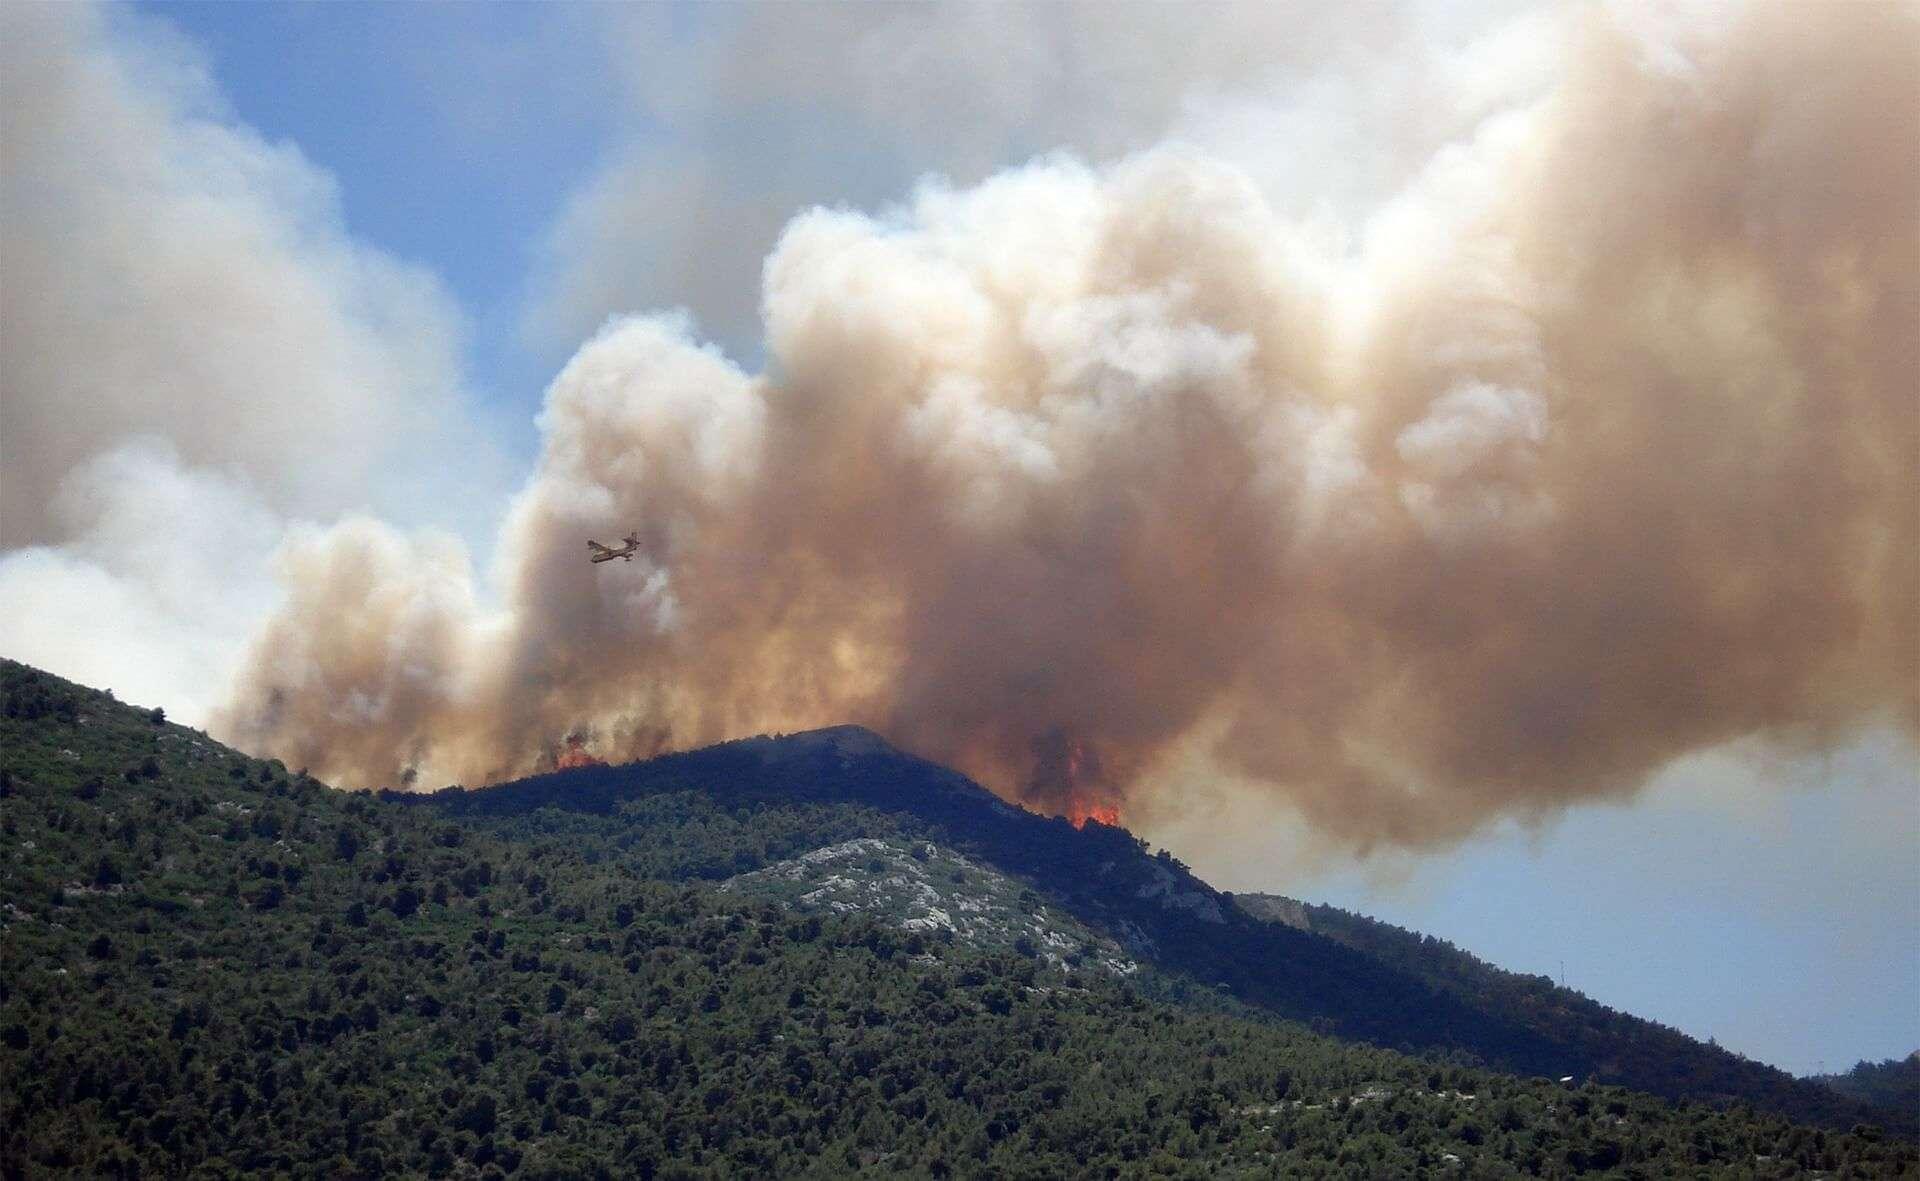 La protesta dei vigili del fuoco: la Regione vuole ridurre la convenzione